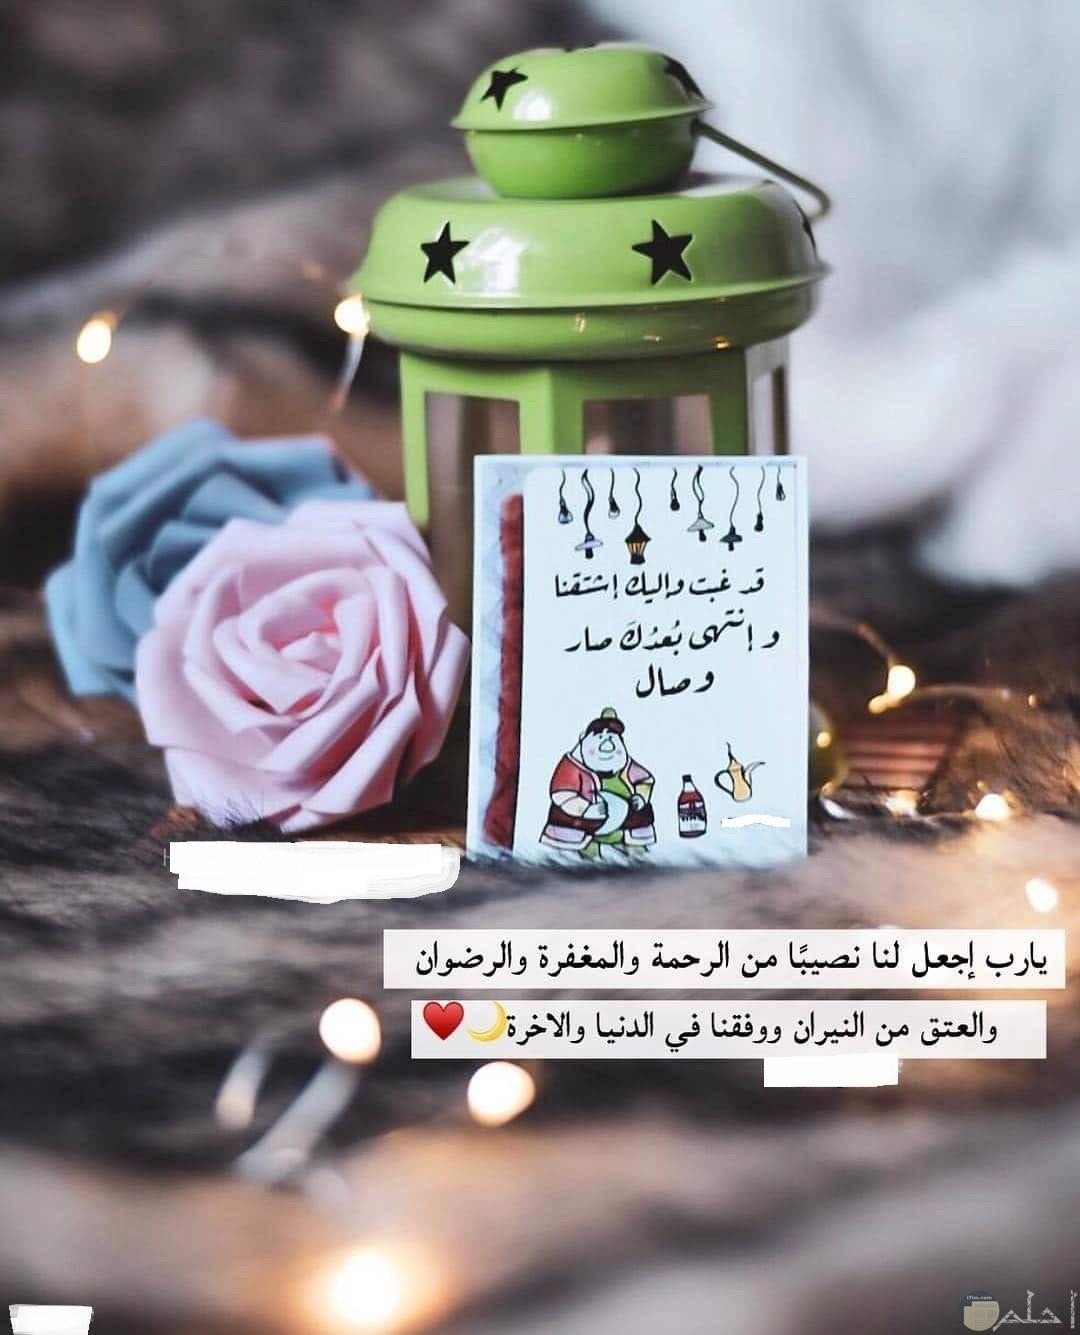 دعاء جميل لشهر رمضان مع خلفية رمضانية.